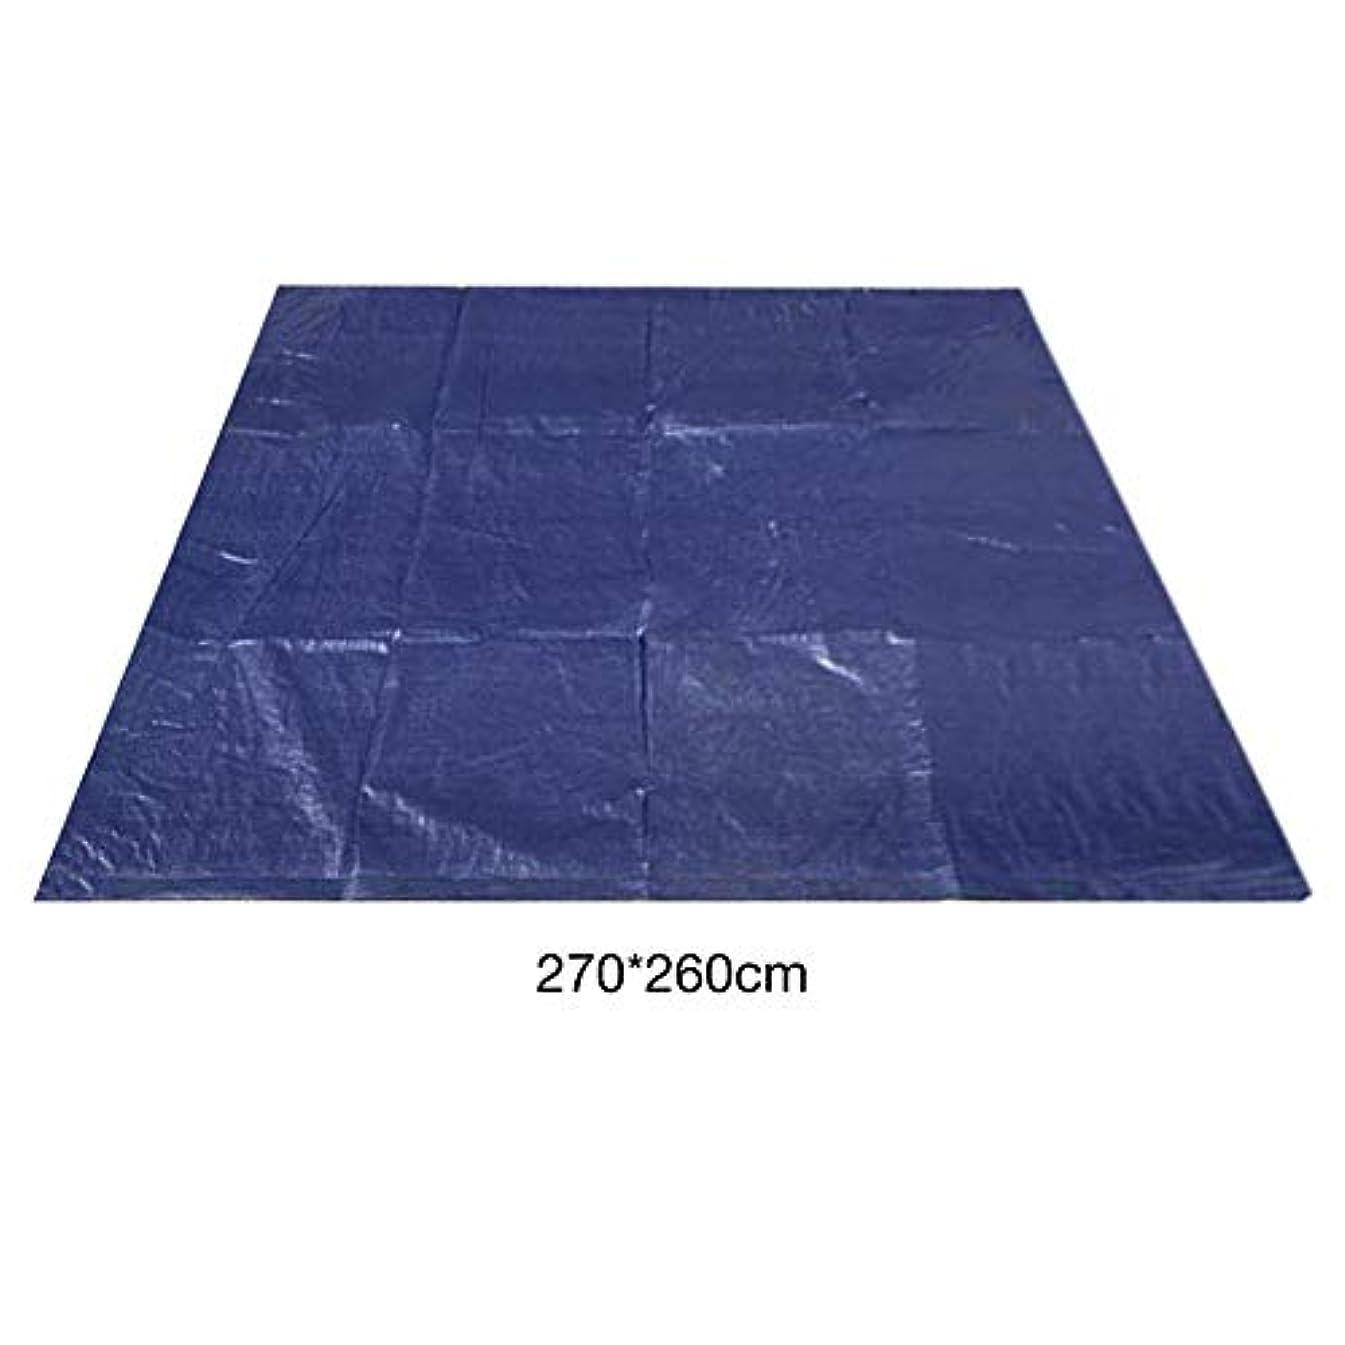 冬予測子時々時々Viugreum プール下マット プールマット プールの下に敷くシート 水泳マット 折りたたみ 滑り止め 長方形 プール 底面保護 大型 家庭用